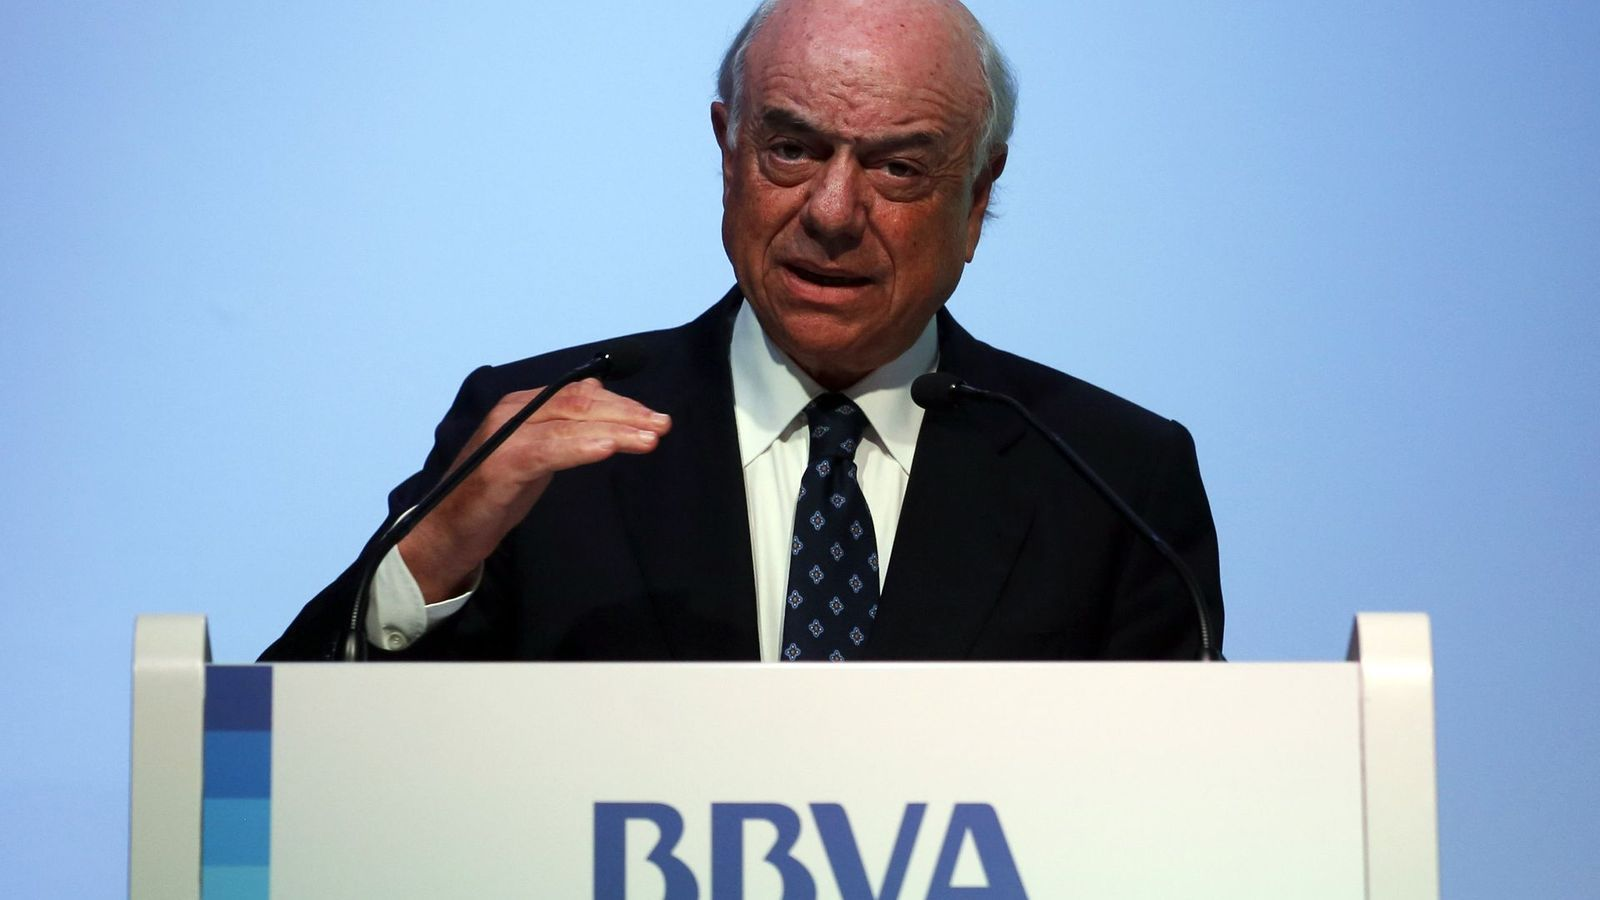 Francisco González, president del BBVA, preveu que l'entitat guanyi diners també a Espanya aquest 2013.